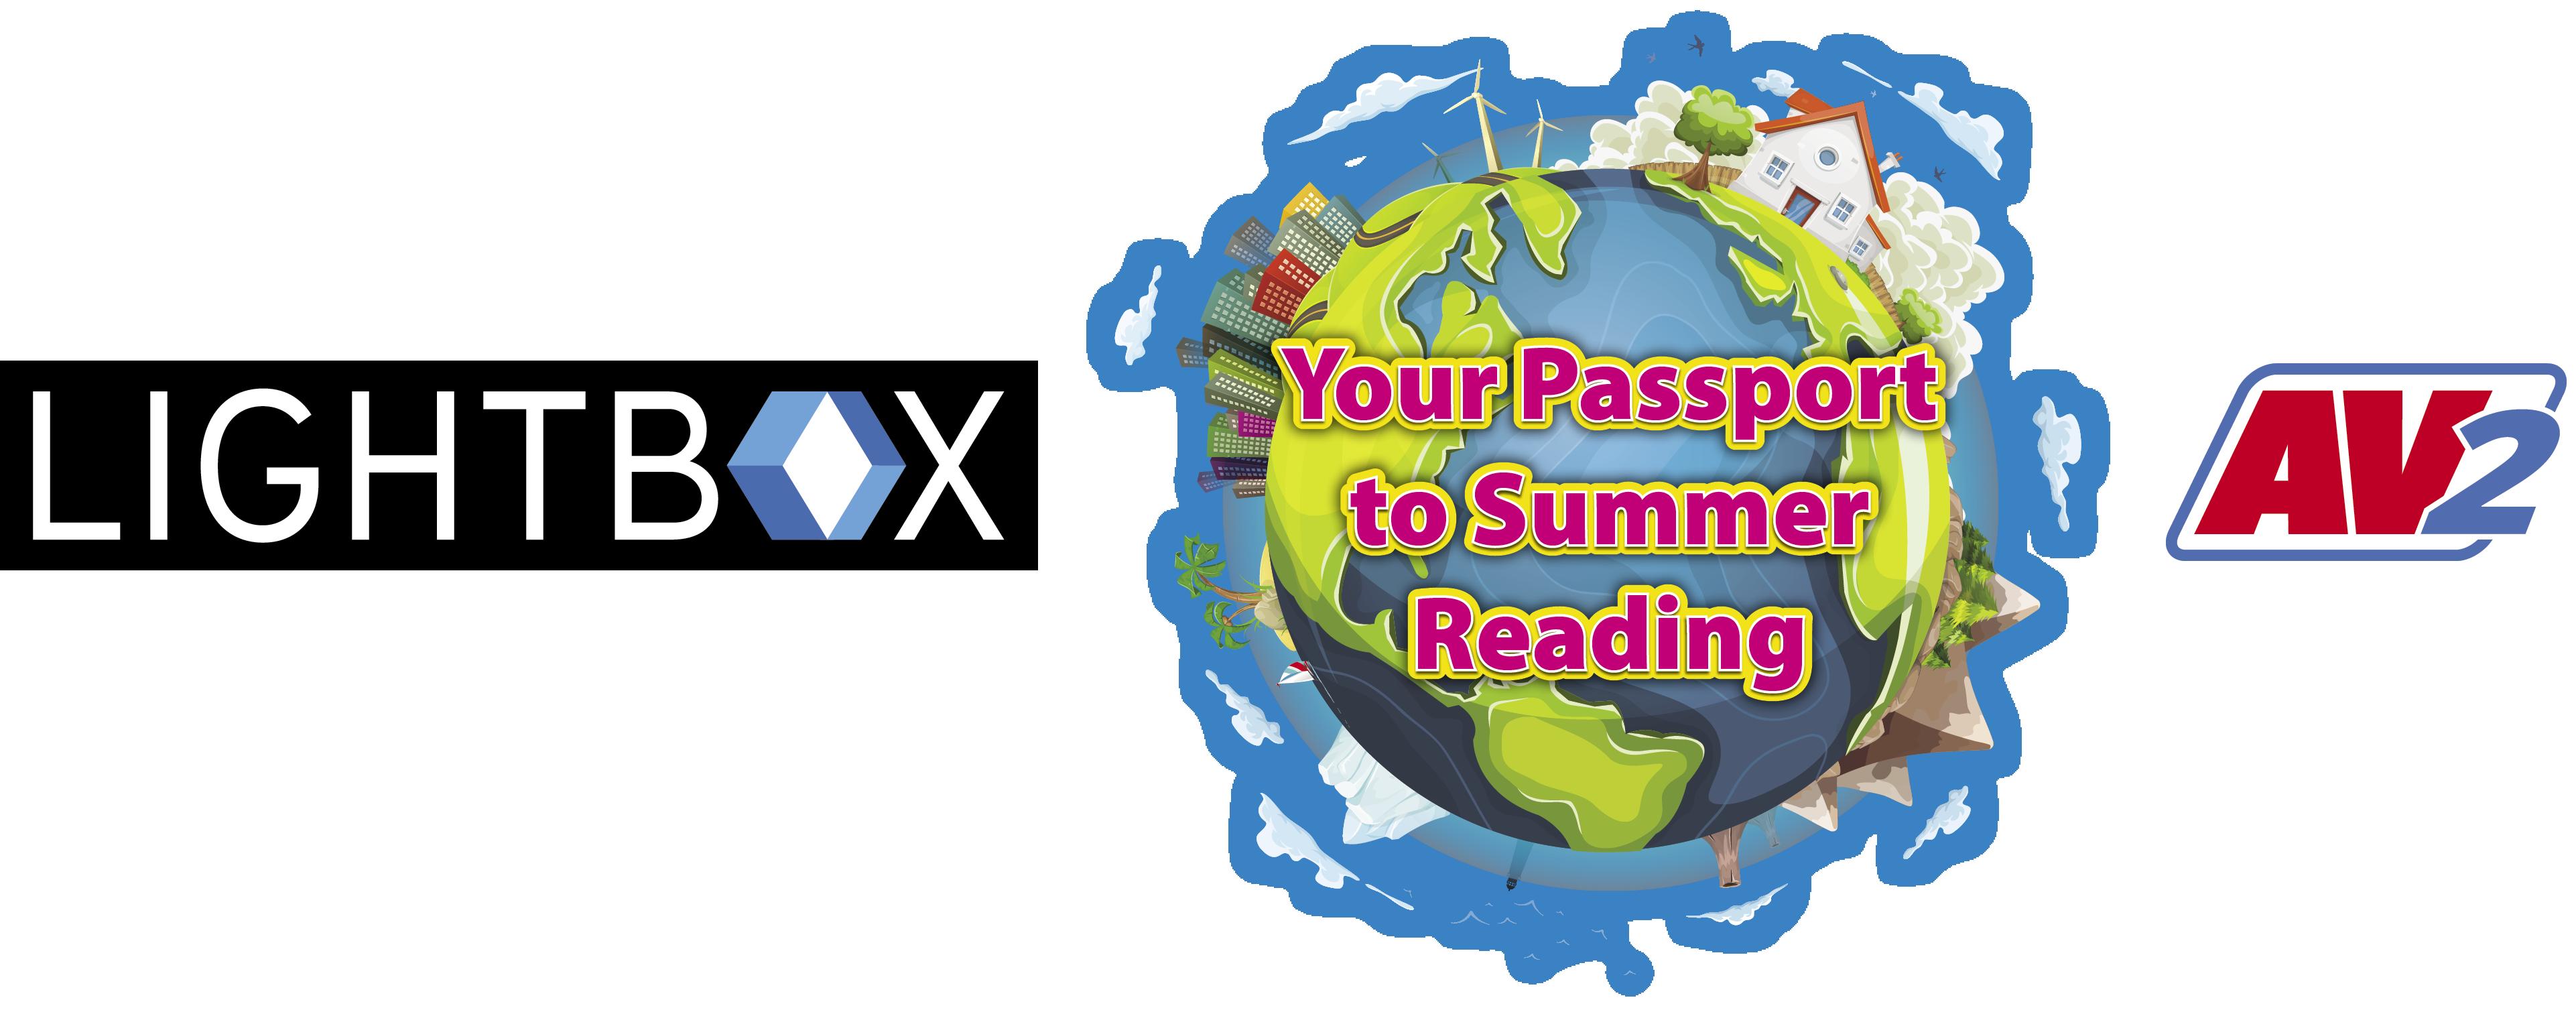 Summer Reader Kit -your passport to summer reading-LBX+AV2